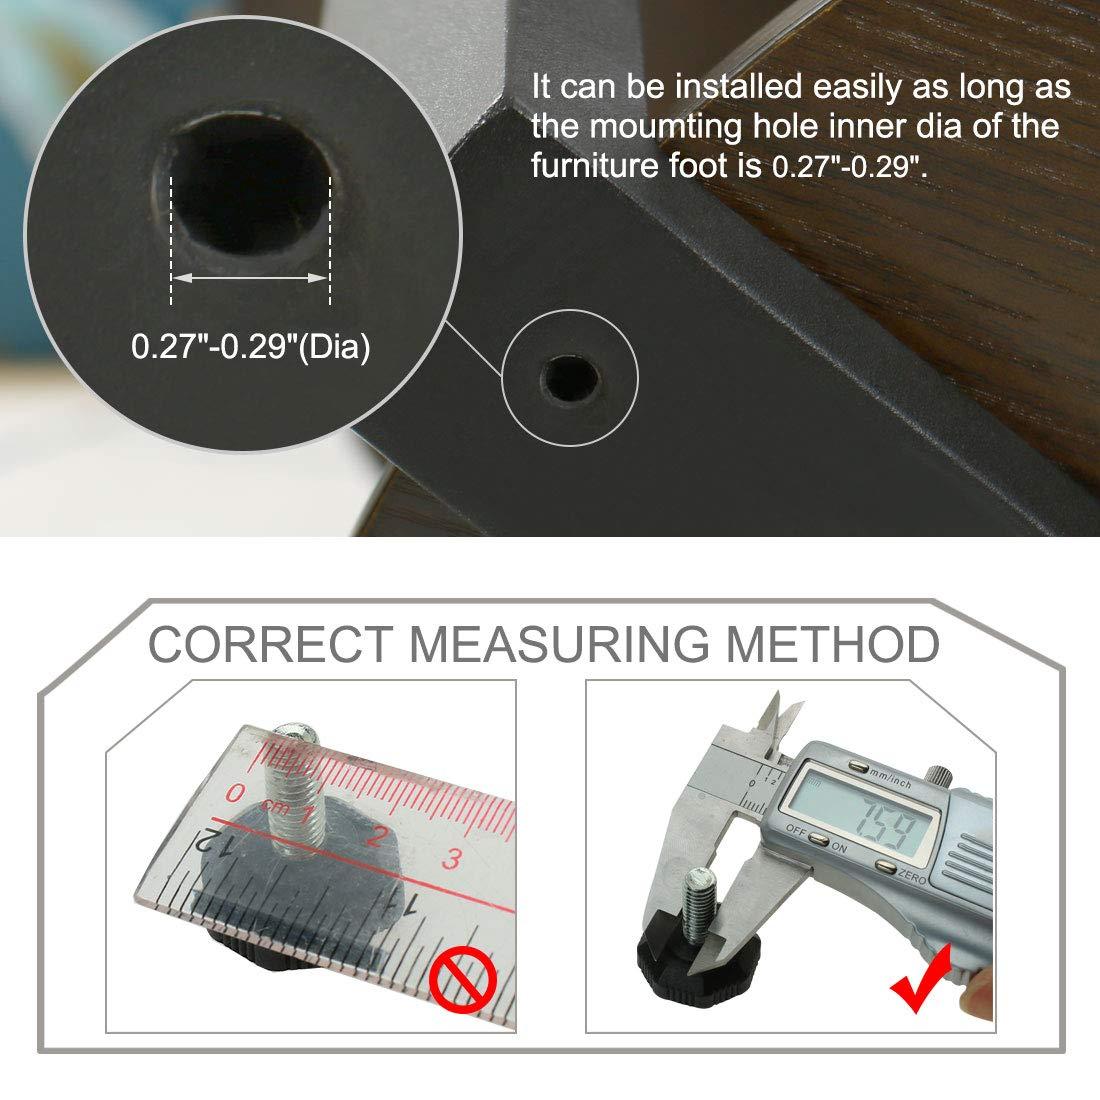 sourcing map Patas tornillos Tapas niveladores nivelador ajustable protector del suelo para patas de muebles banco armario mesas sillas escritorios de M8 x 20 x 28mm 4 pcs